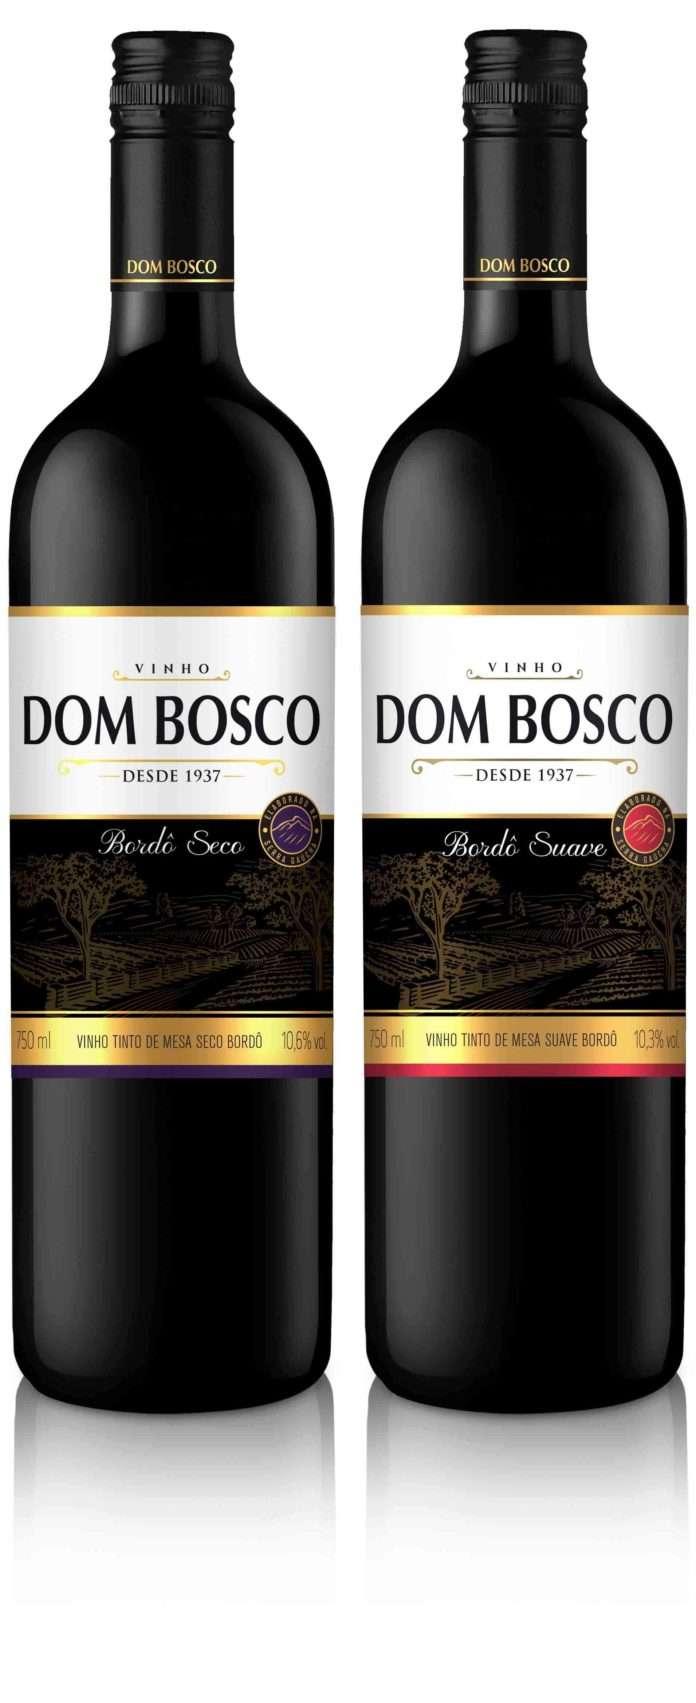 Linha de vinho Dom Bosco comemora 80 anos